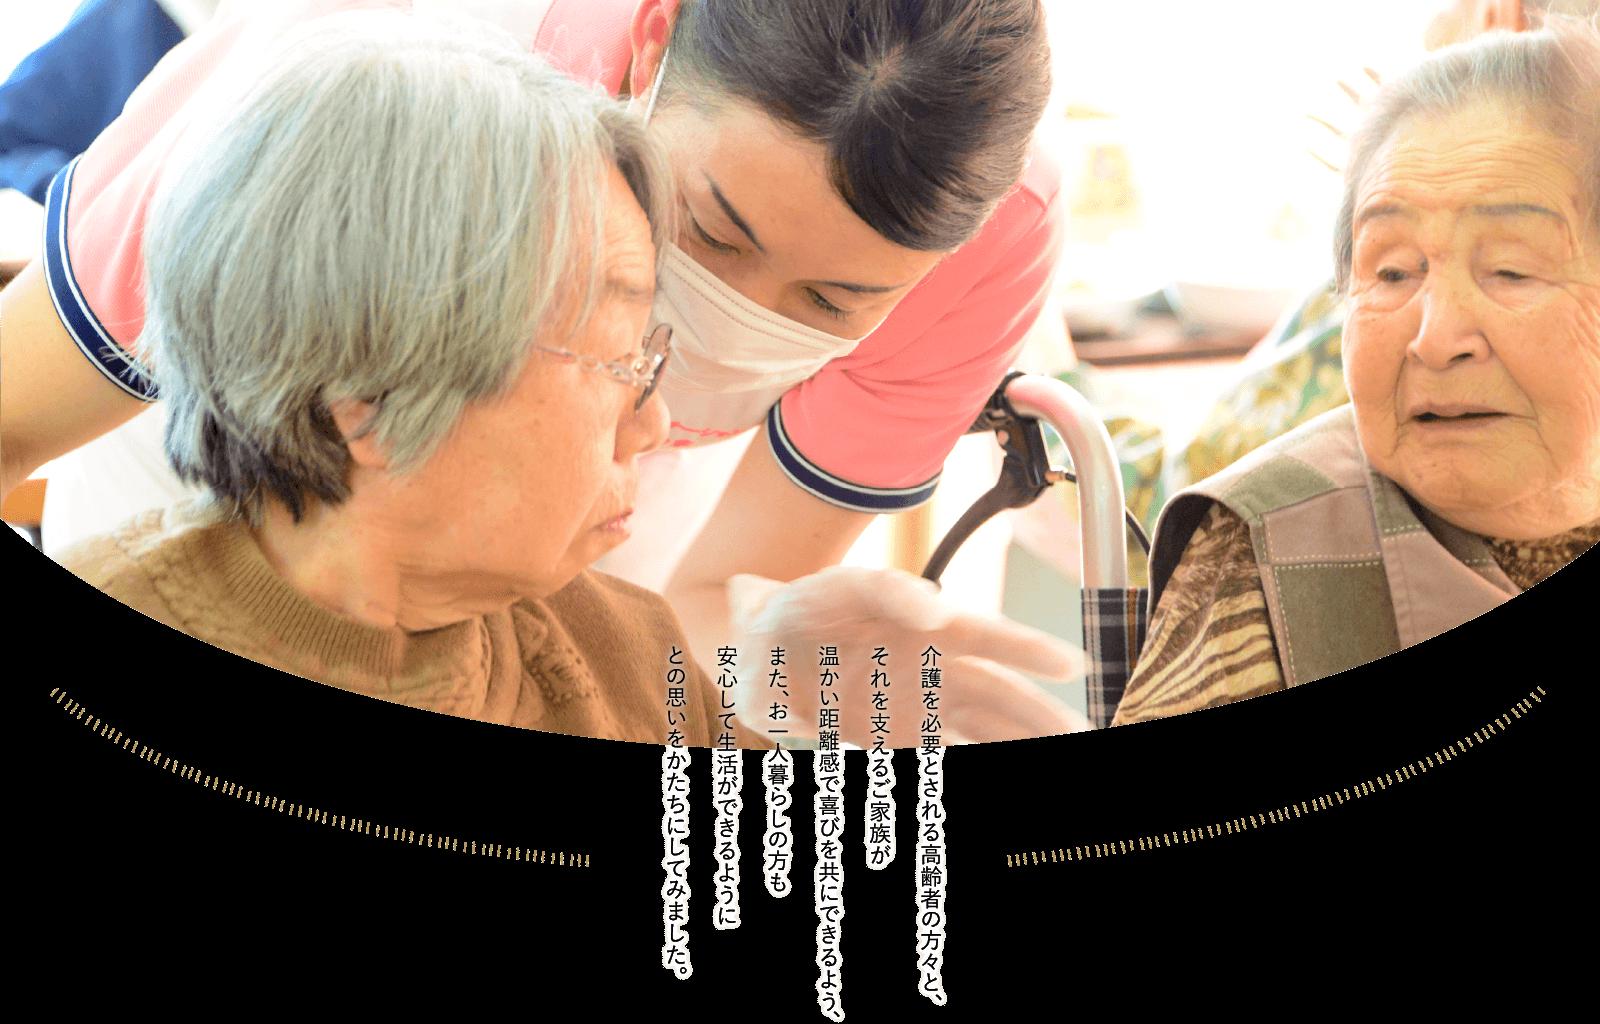 介護を必要とされる高齢者の方々と、それを支えるご家族が温かい距離感で喜びを共にできるよう、また、お一人暮らしの方も安心して生活ができるようにとの思いをかたちにしてみました。